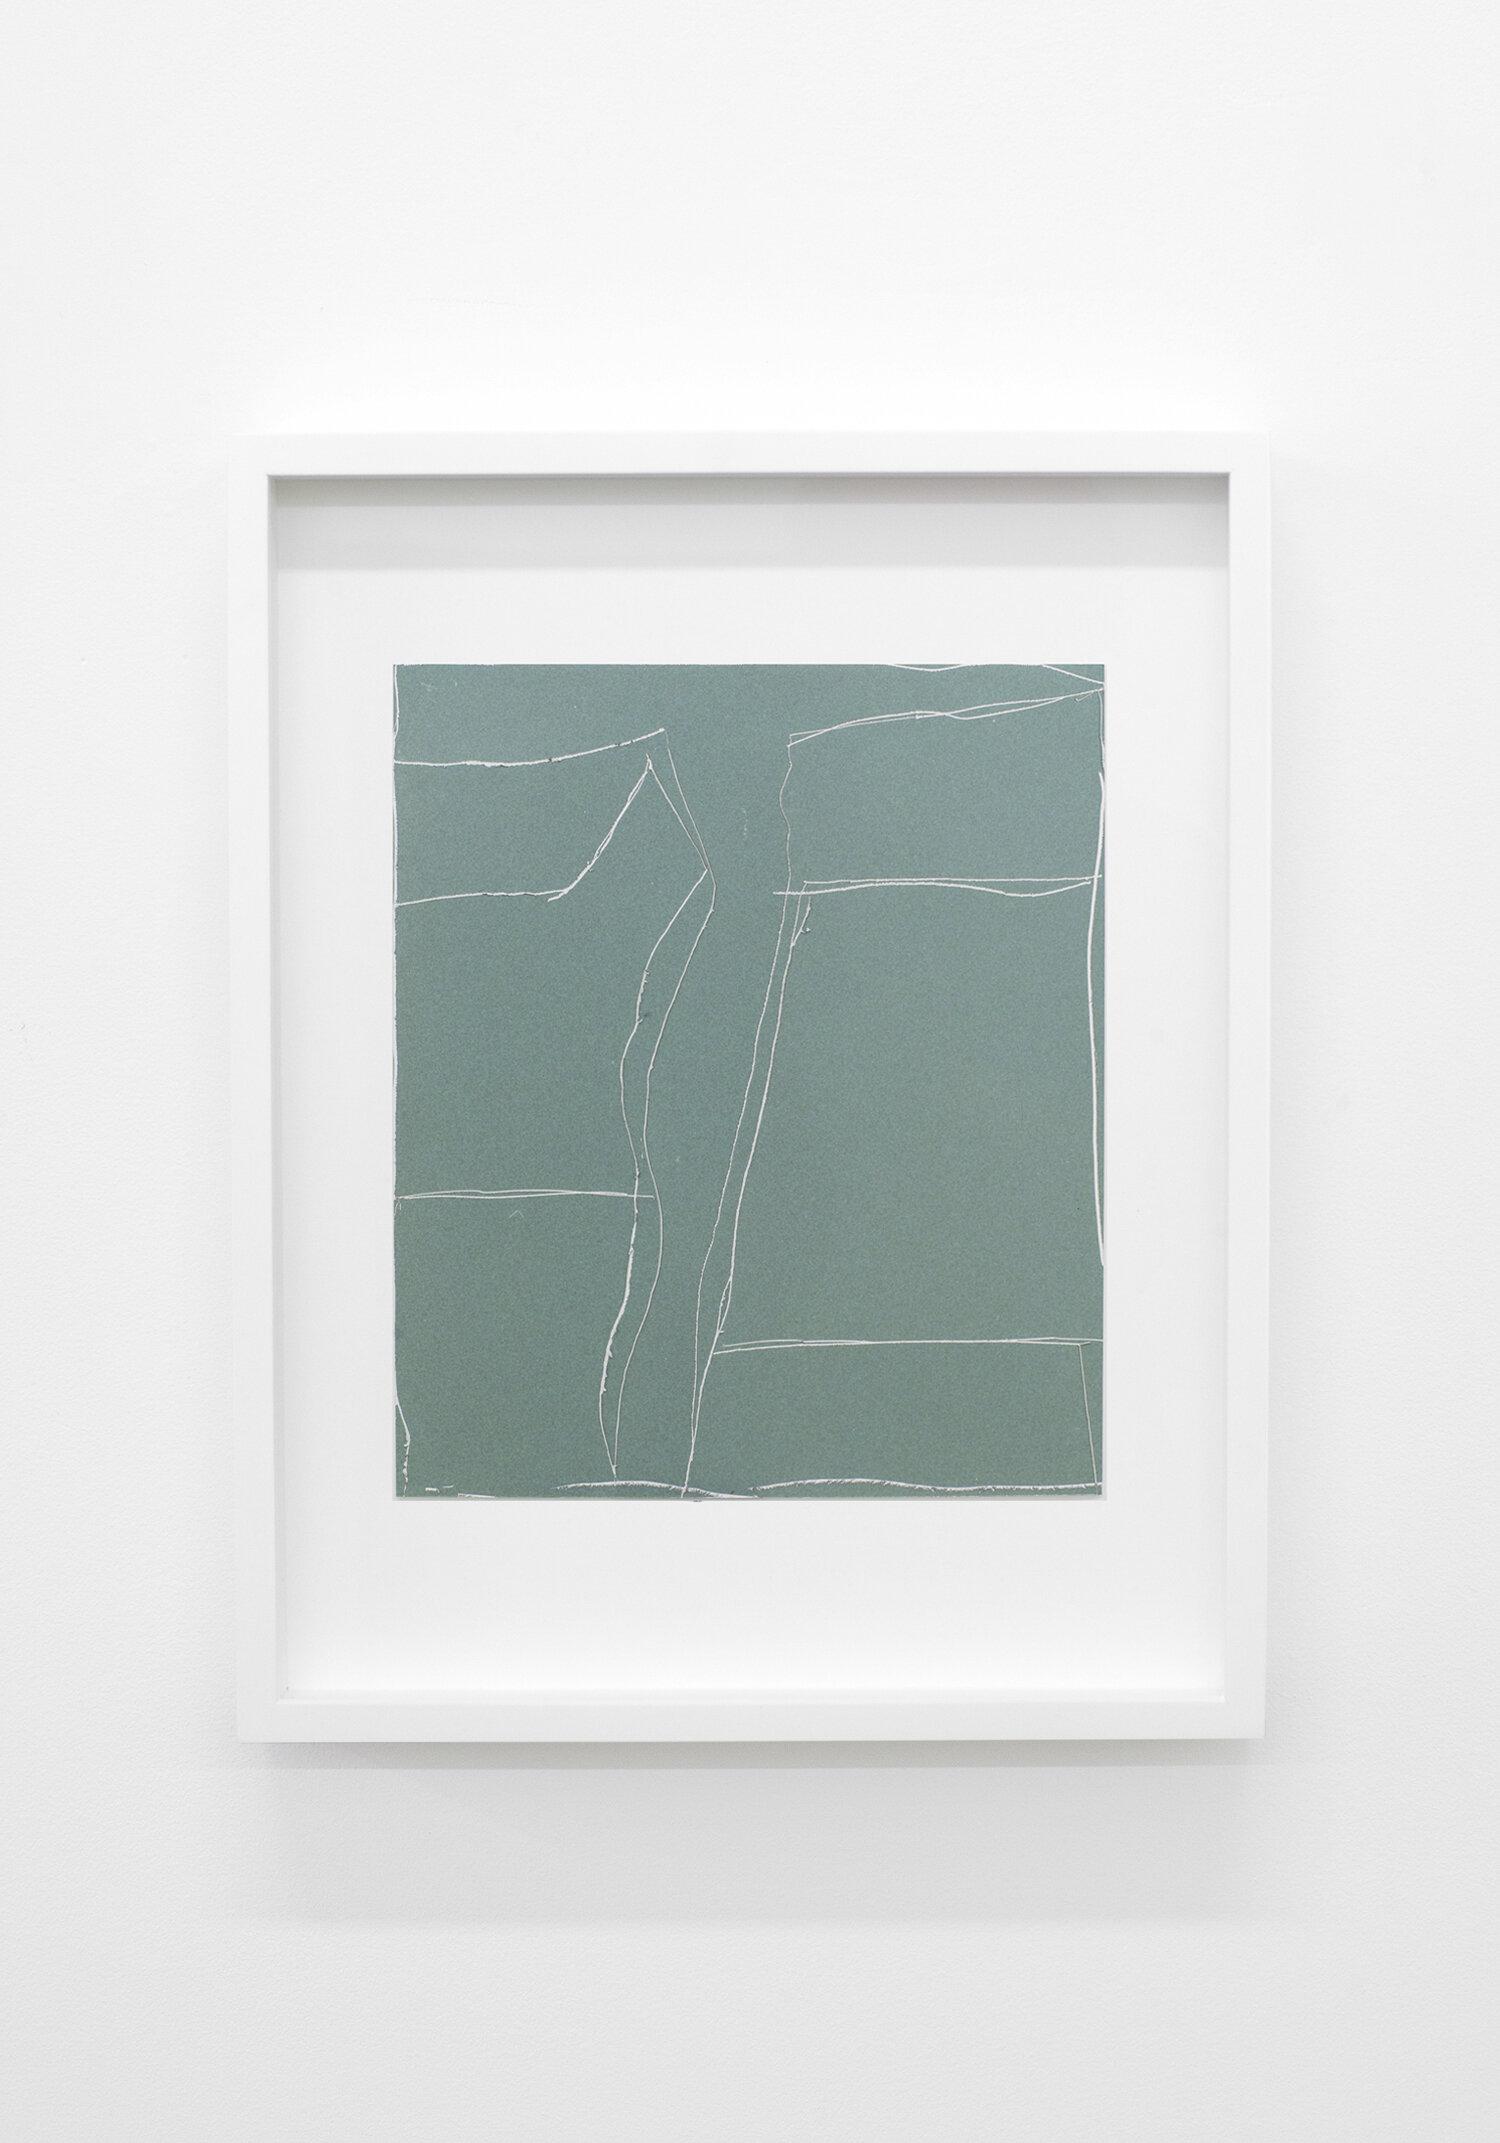 """Jérôme Nadeau,  Shelters,  édition unique, 2019, impression chromogène, 25 x 20 cm (10"""" x 8"""")"""